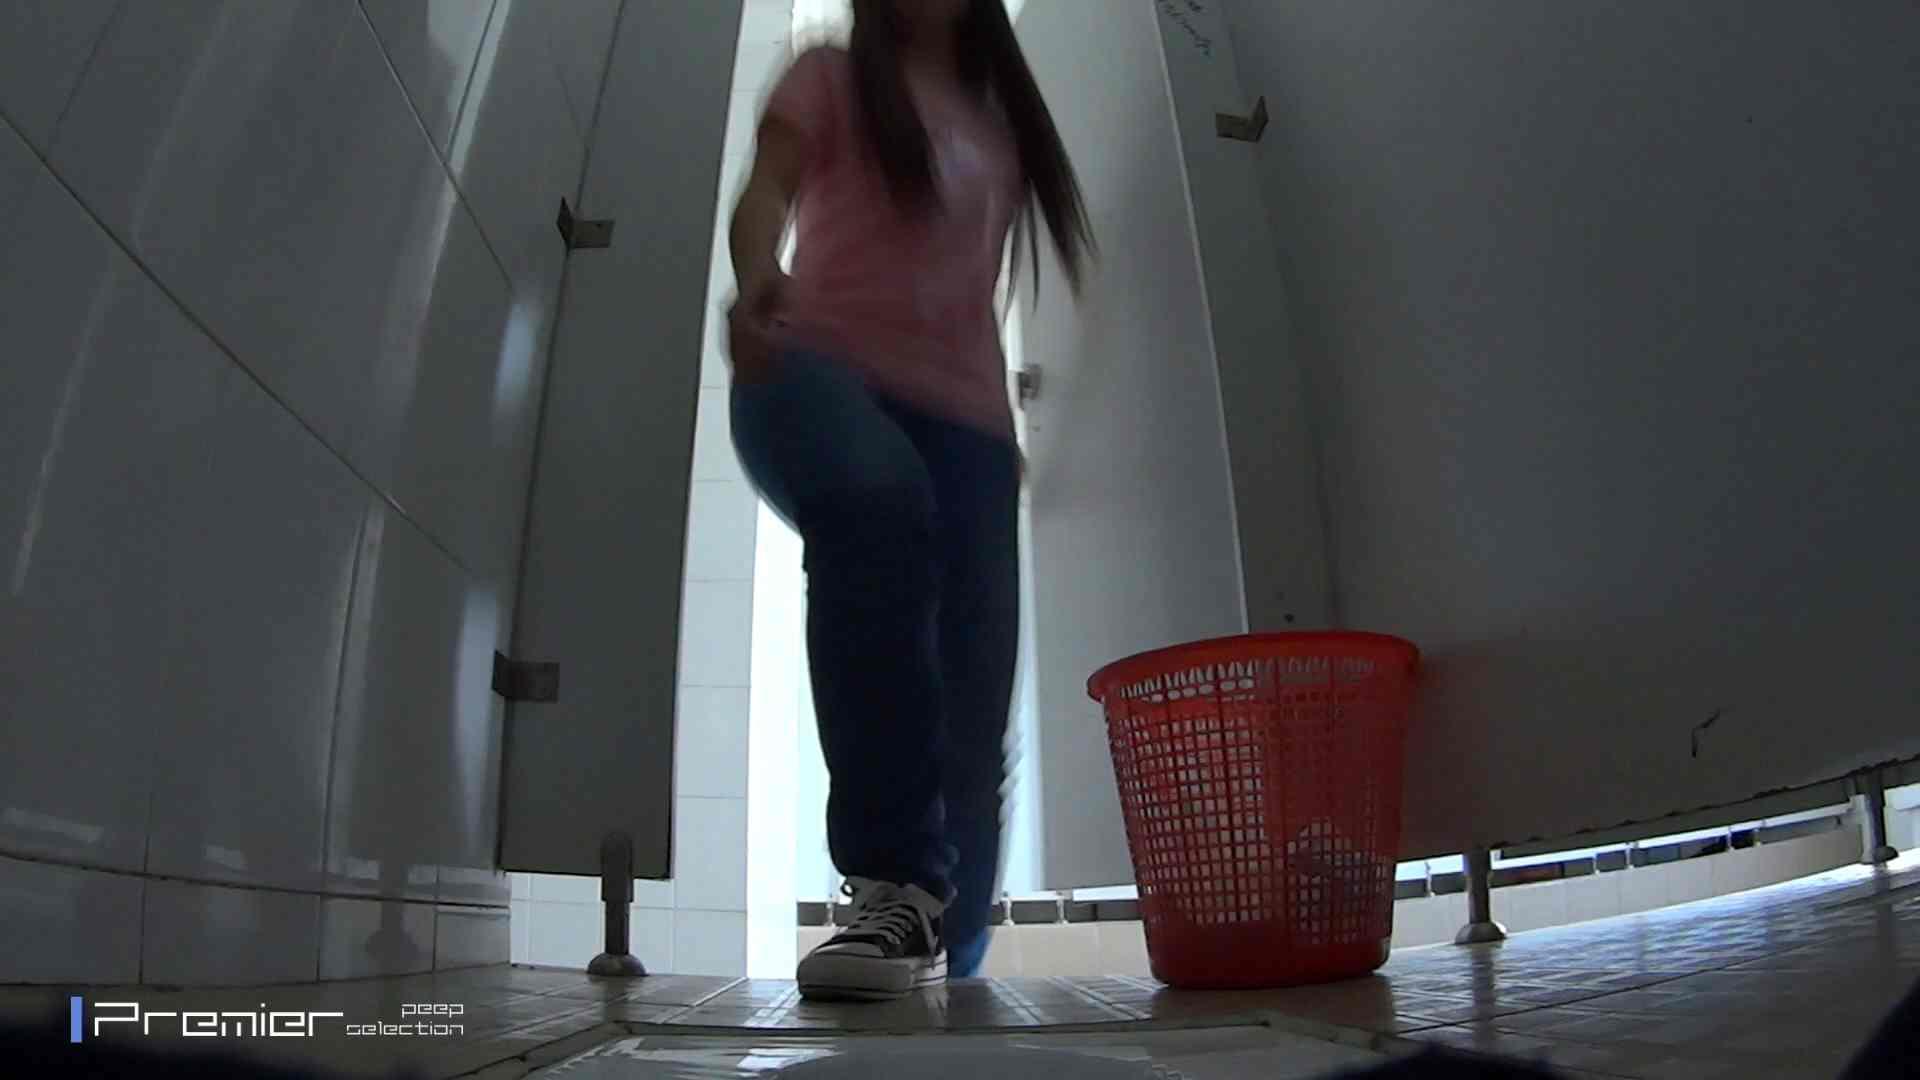 アジアンビューティー達の聖水 大学休憩時間の洗面所事情24 盗撮 おまんこ動画流出 67PIX 59